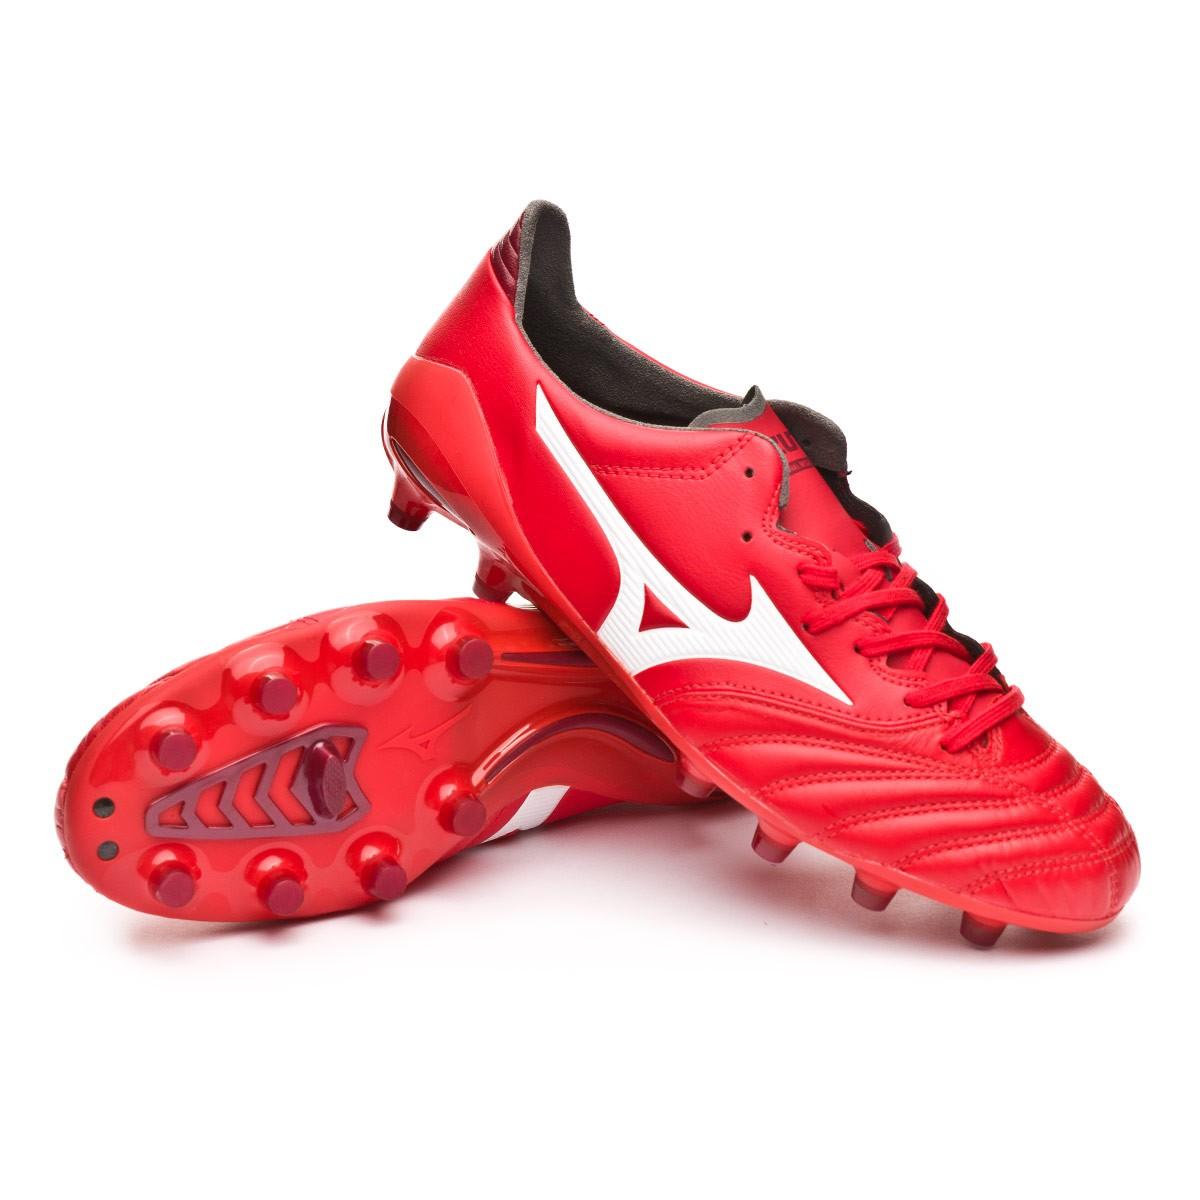 1817126a1 Football Boots Mizuno Morelia NEO II MD High risk red-White - Tienda ...